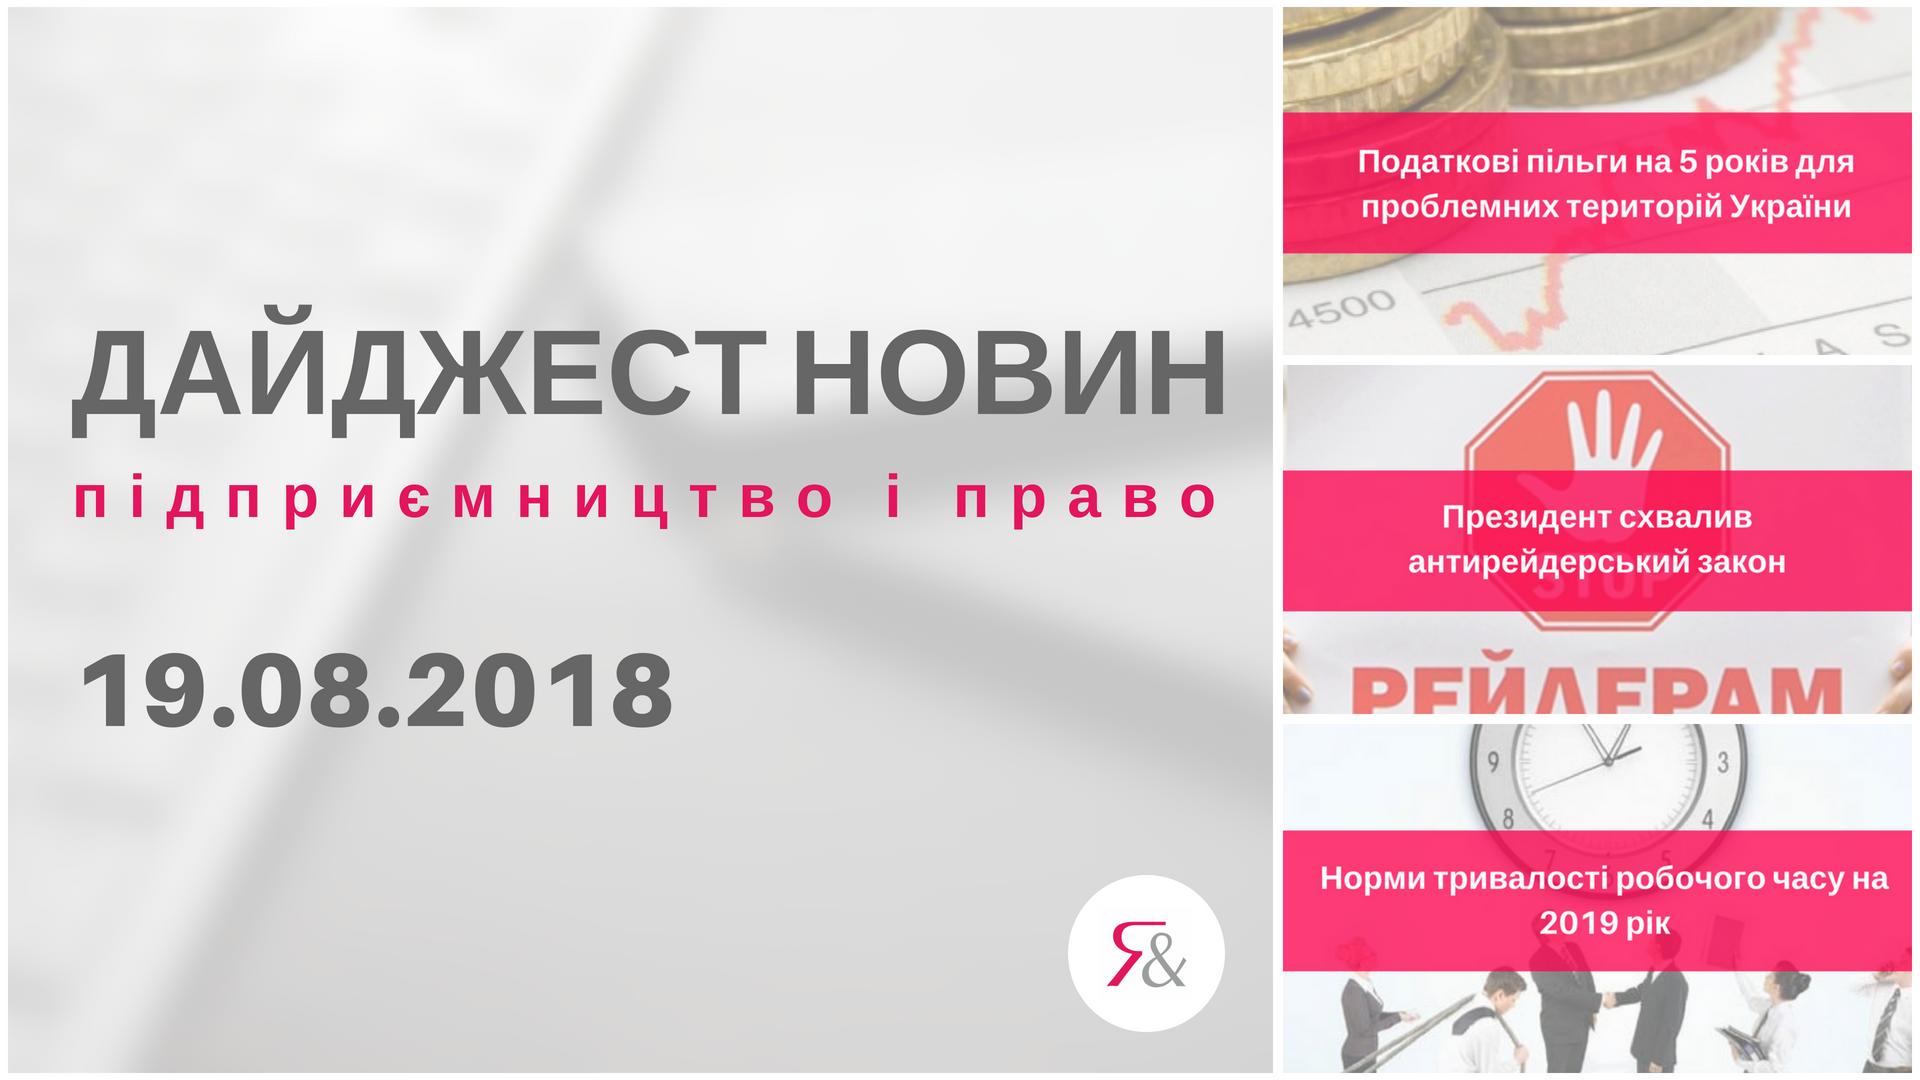 Дайджест нoвин «Підприємництво і право» з 13.08.2018 пo 19.08.2018